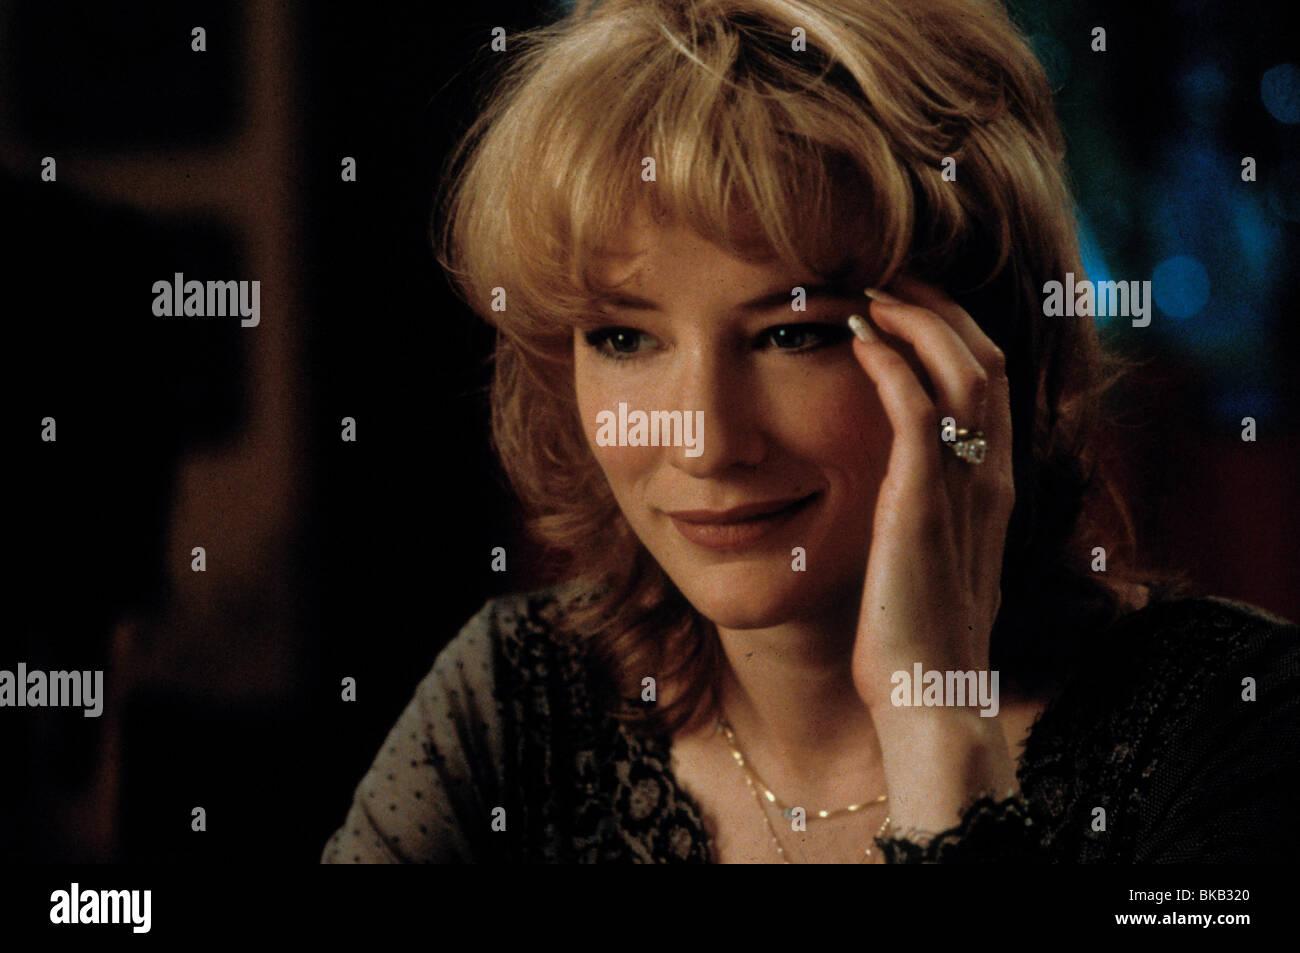 PUSHING TIN (1999) CATE BLANCHETT PTIN 014 - Stock Image